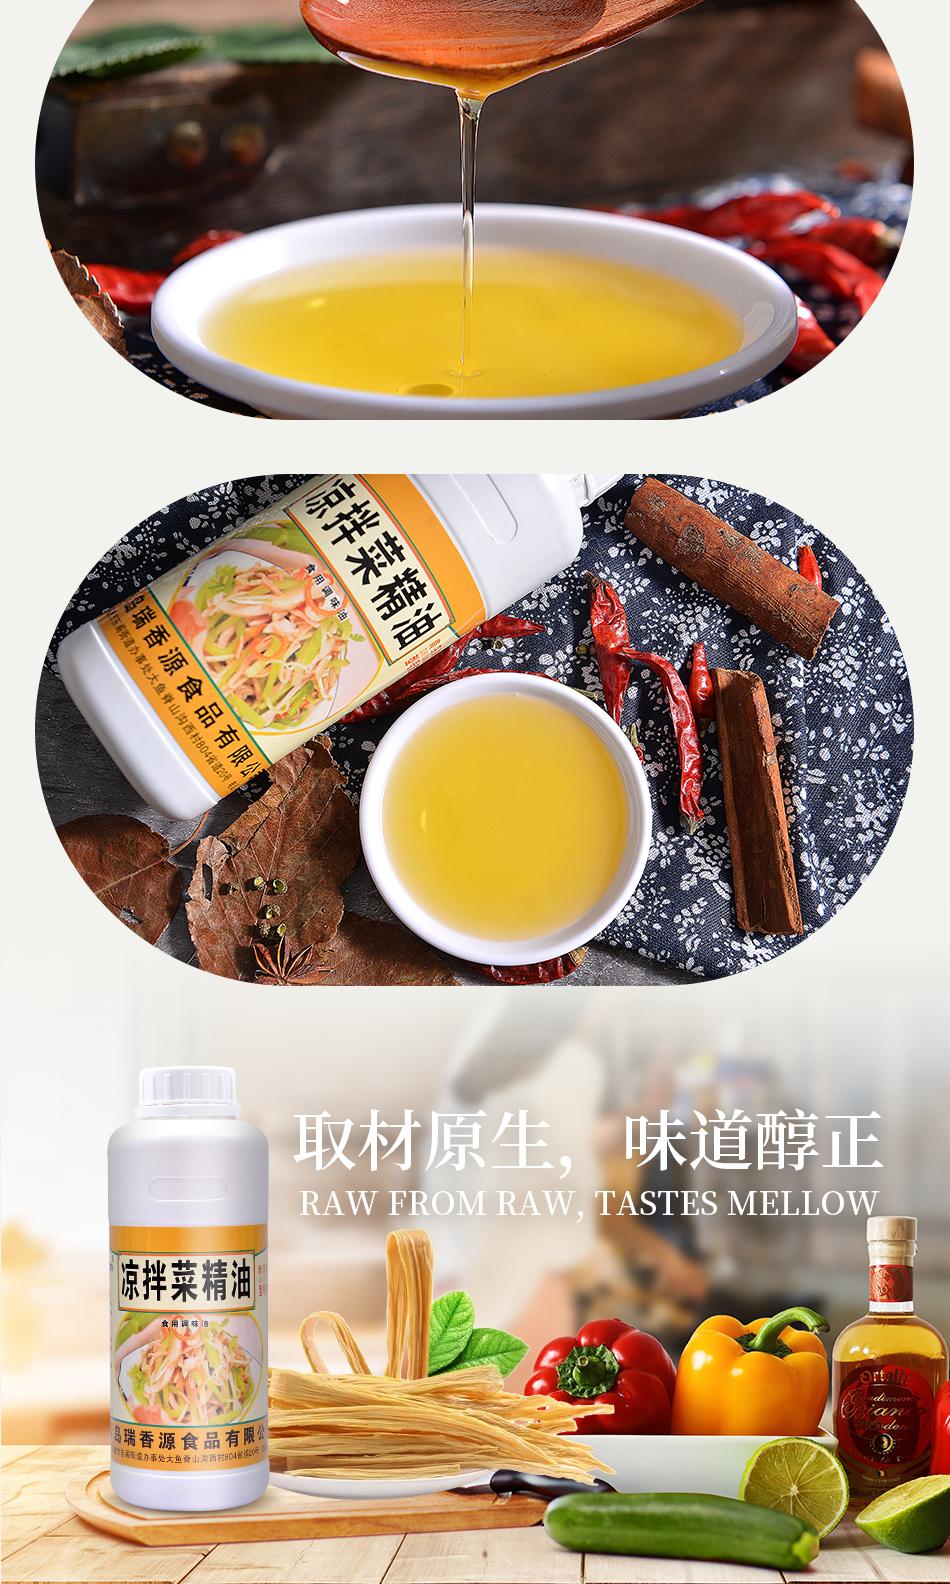 凉拌菜精油